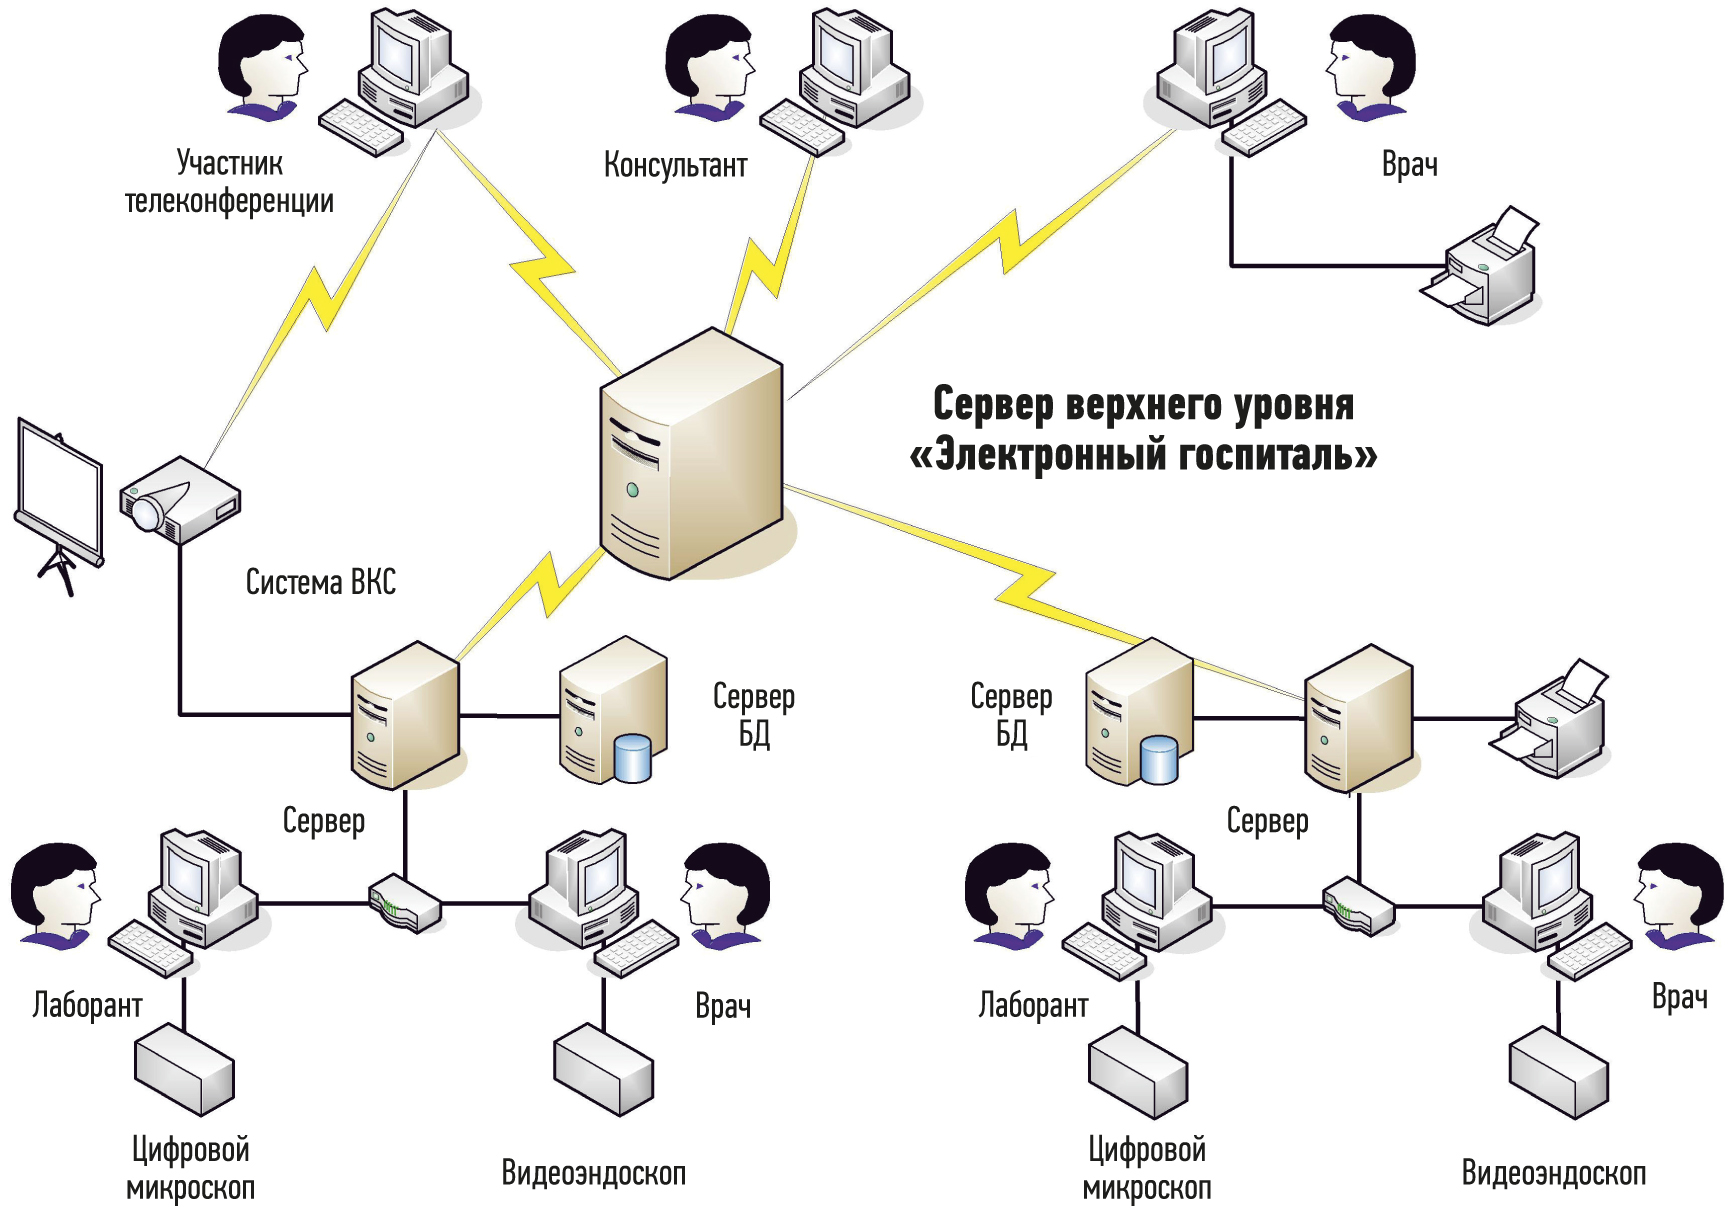 Функциональная схема сетевой информационной системы телемедицинского комплекса «ЛОМО»